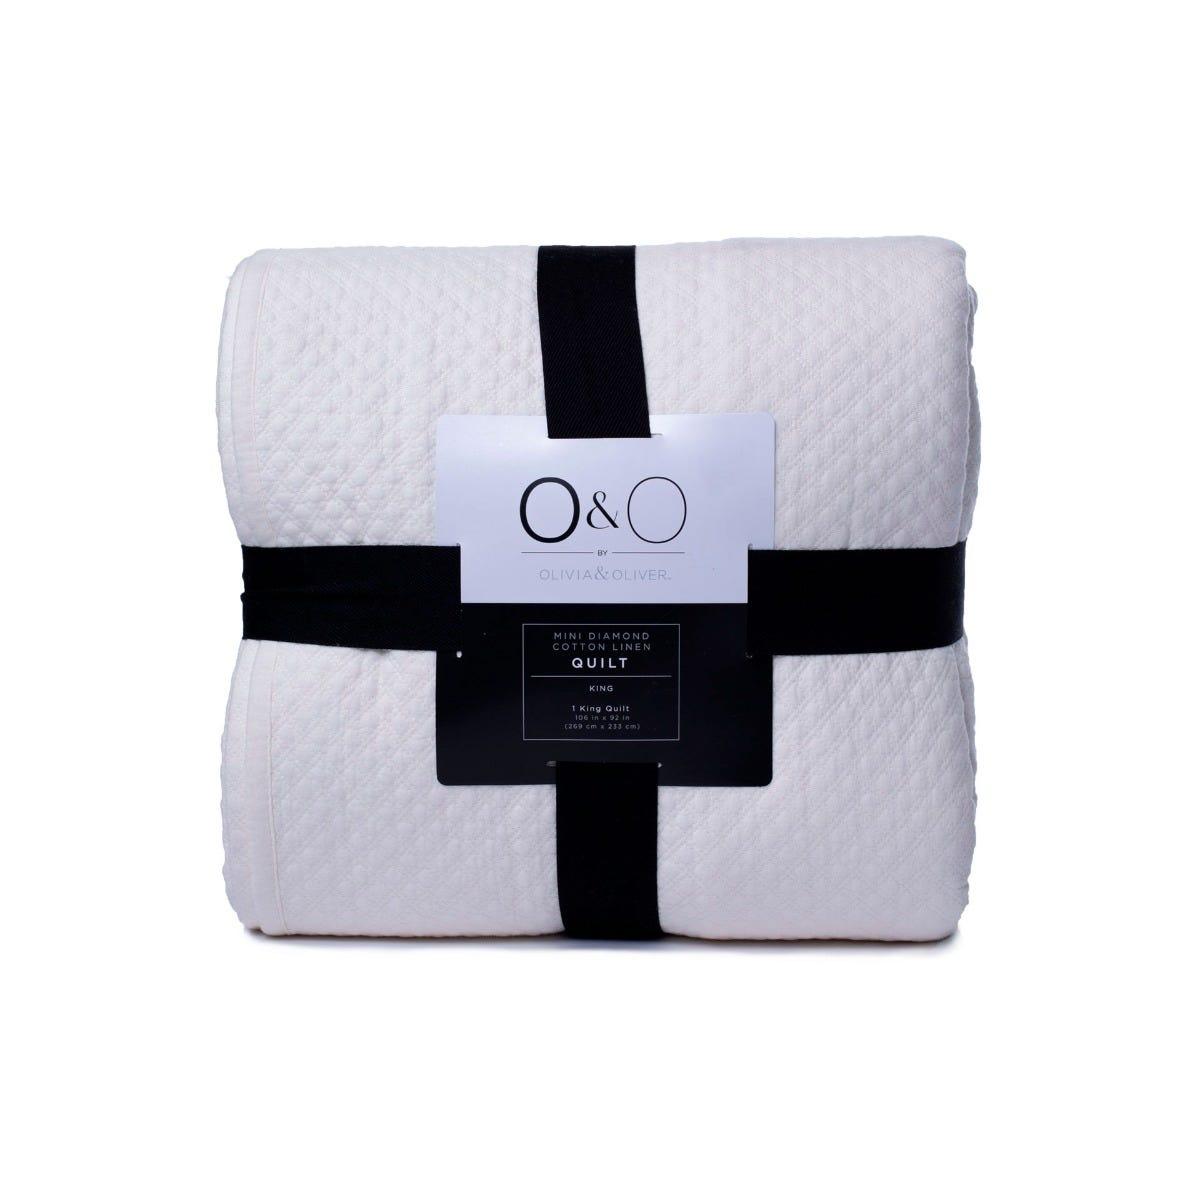 Edredón King con textura O&O by Olivia & Oliver™ en hueso